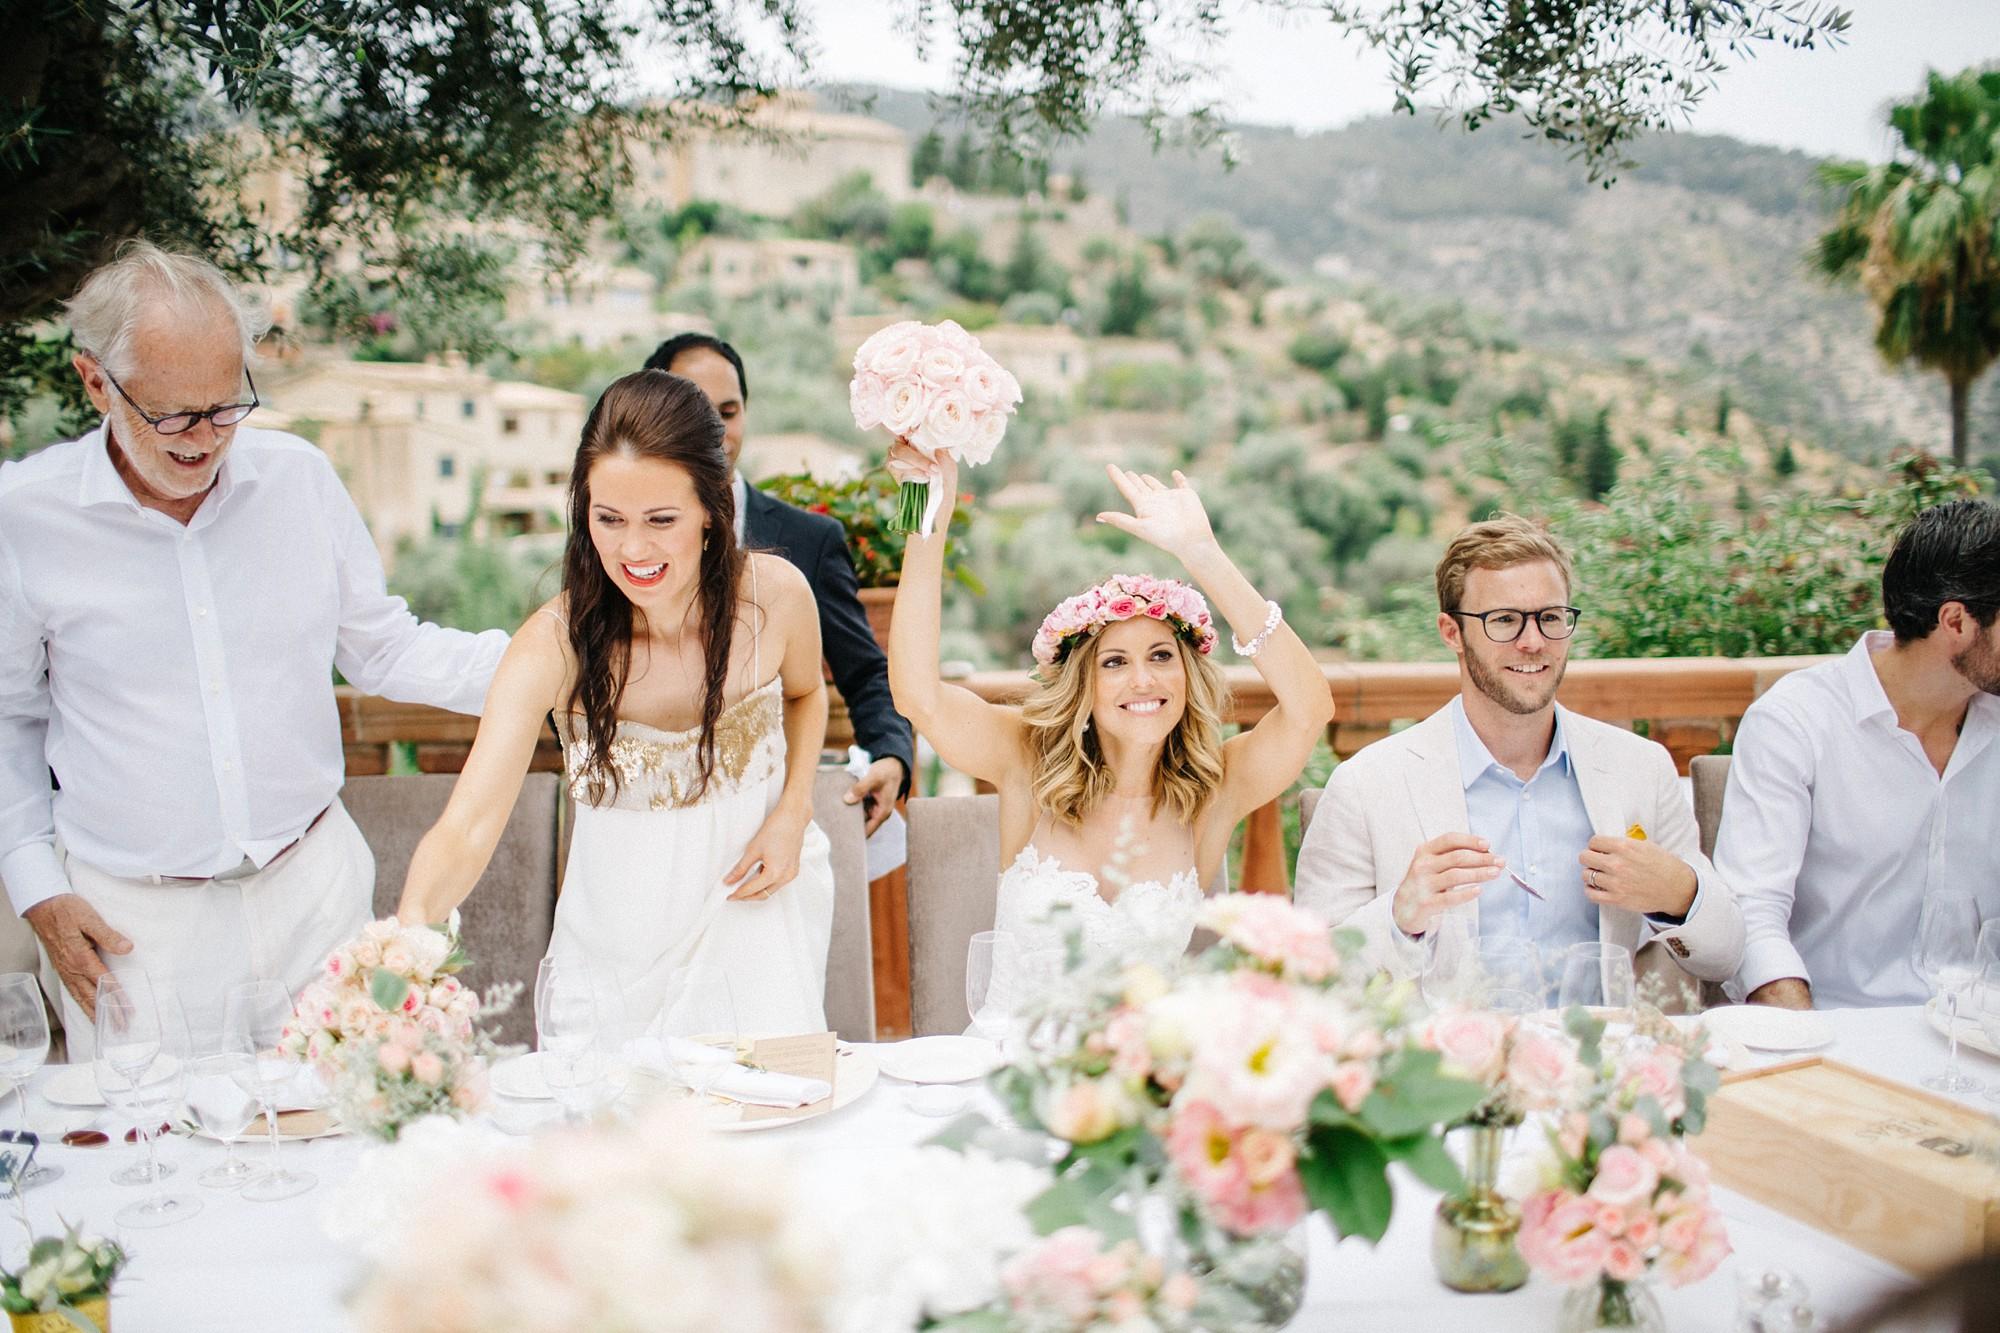 fotografos de boda en valencia barcelona mallorca wedding photographer130.jpg